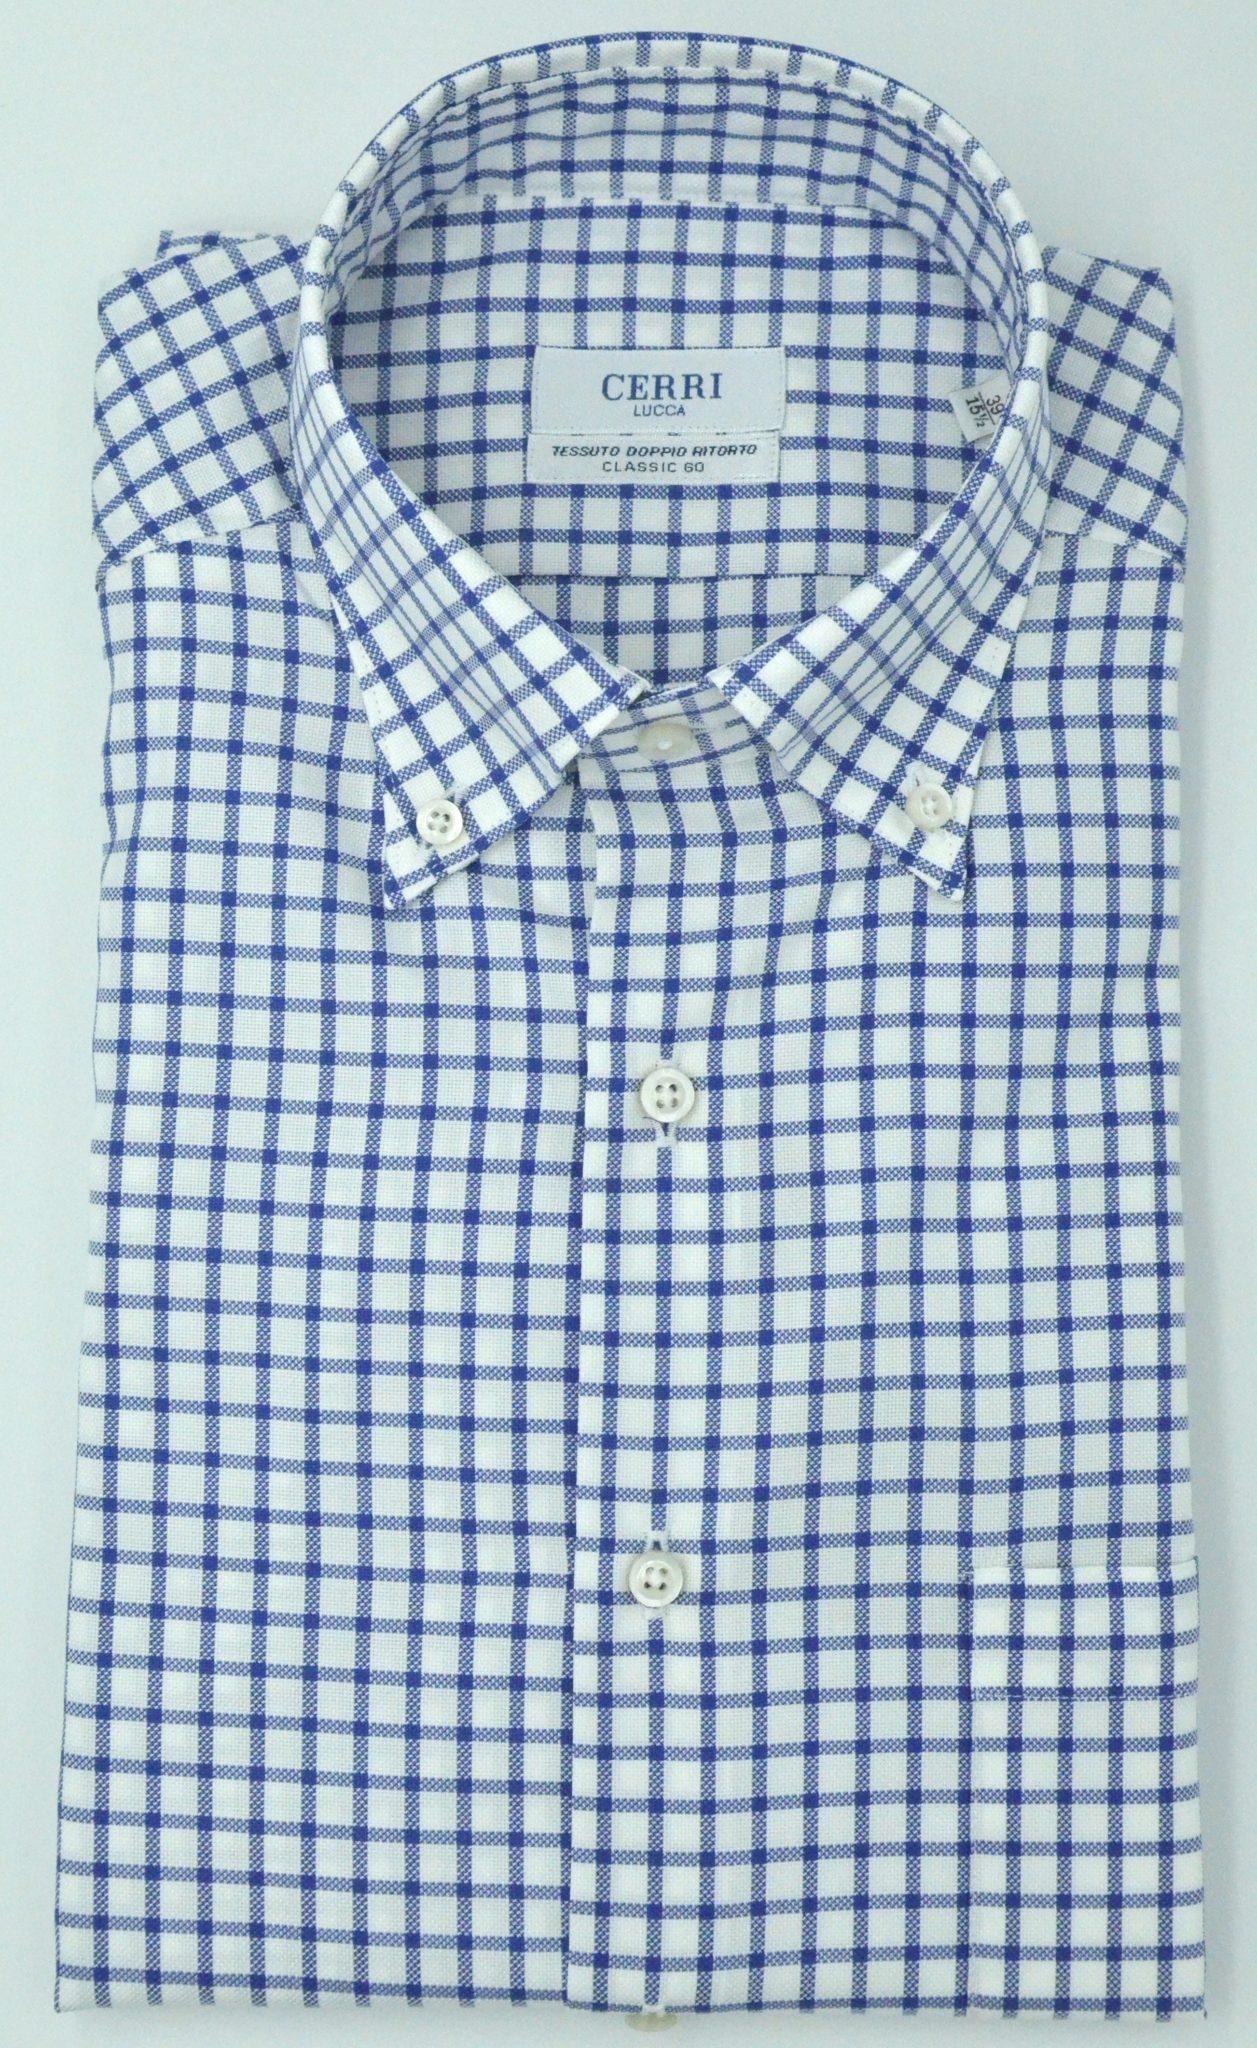 ae9a753c check pure cotton two ply - Cerri Camiceria